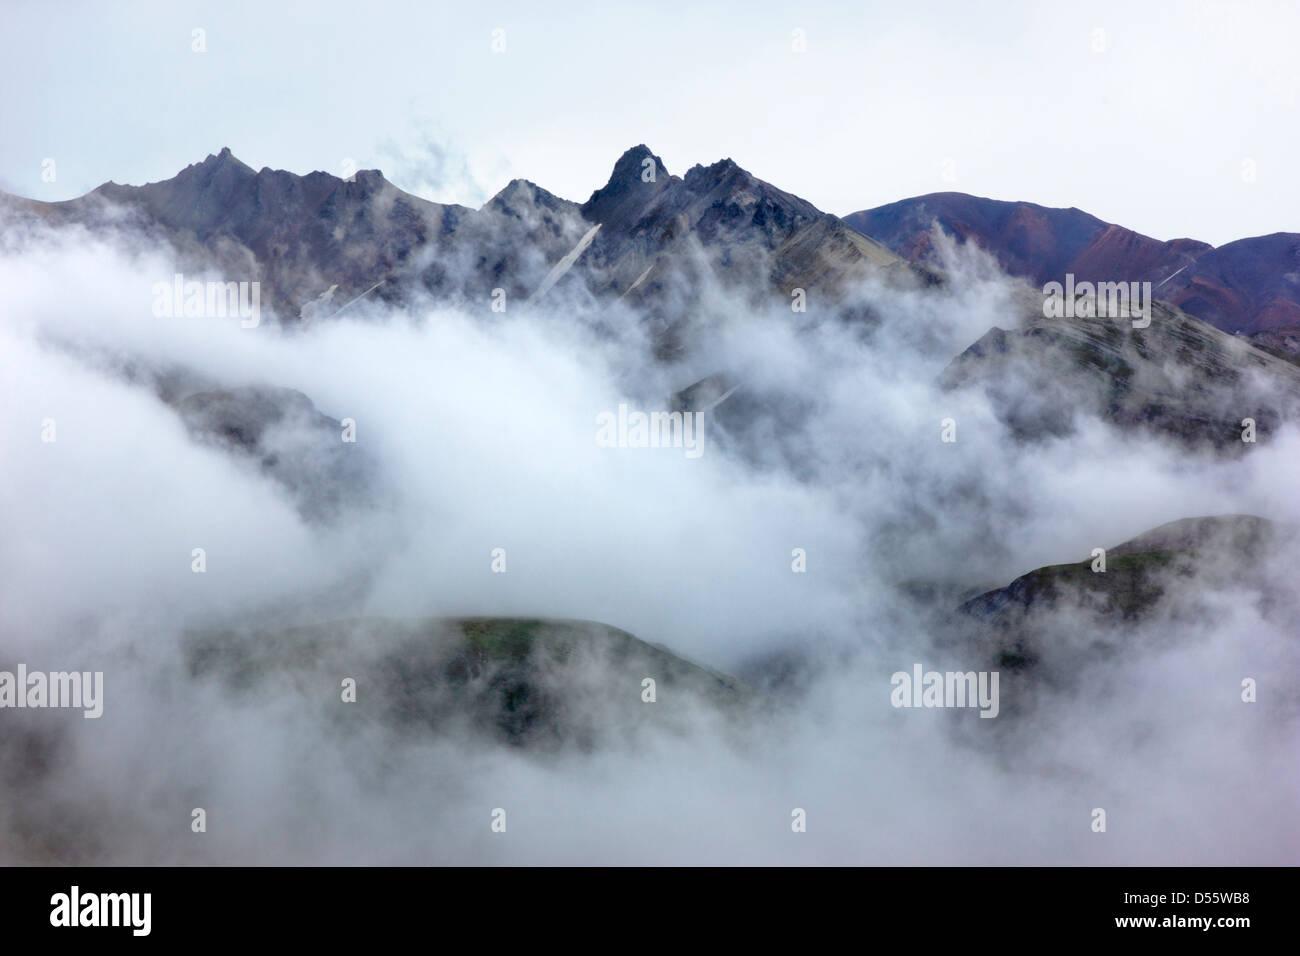 Las nubes bajas, niebla y niebla oscura parcialmente la Cordillera de Alaska, el Parque Nacional Denali, Alaska, EE.UU. Foto de stock